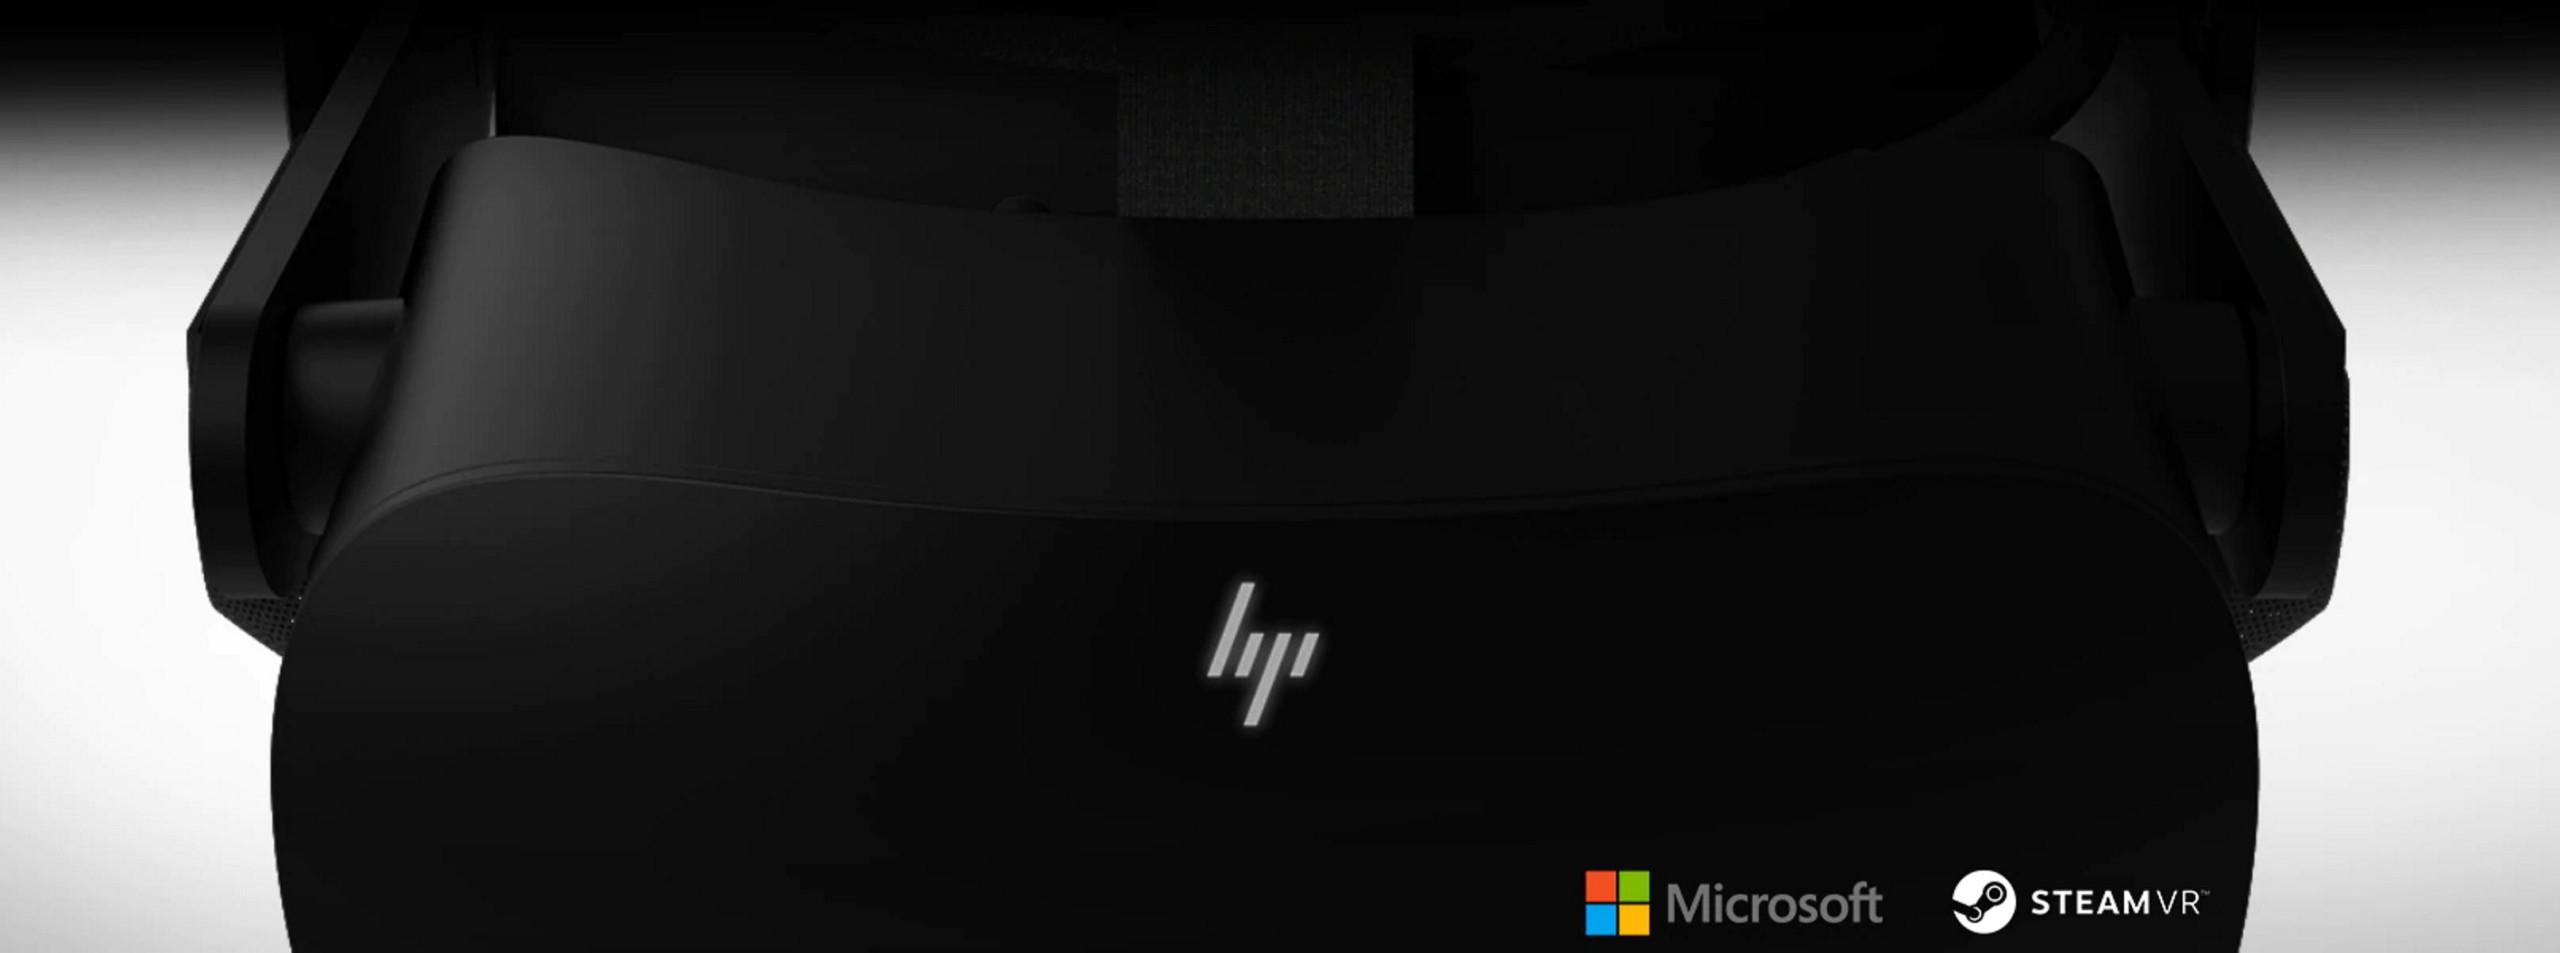 HP, Valve et Microsoft s'associent pour un casque VR « sans concession »